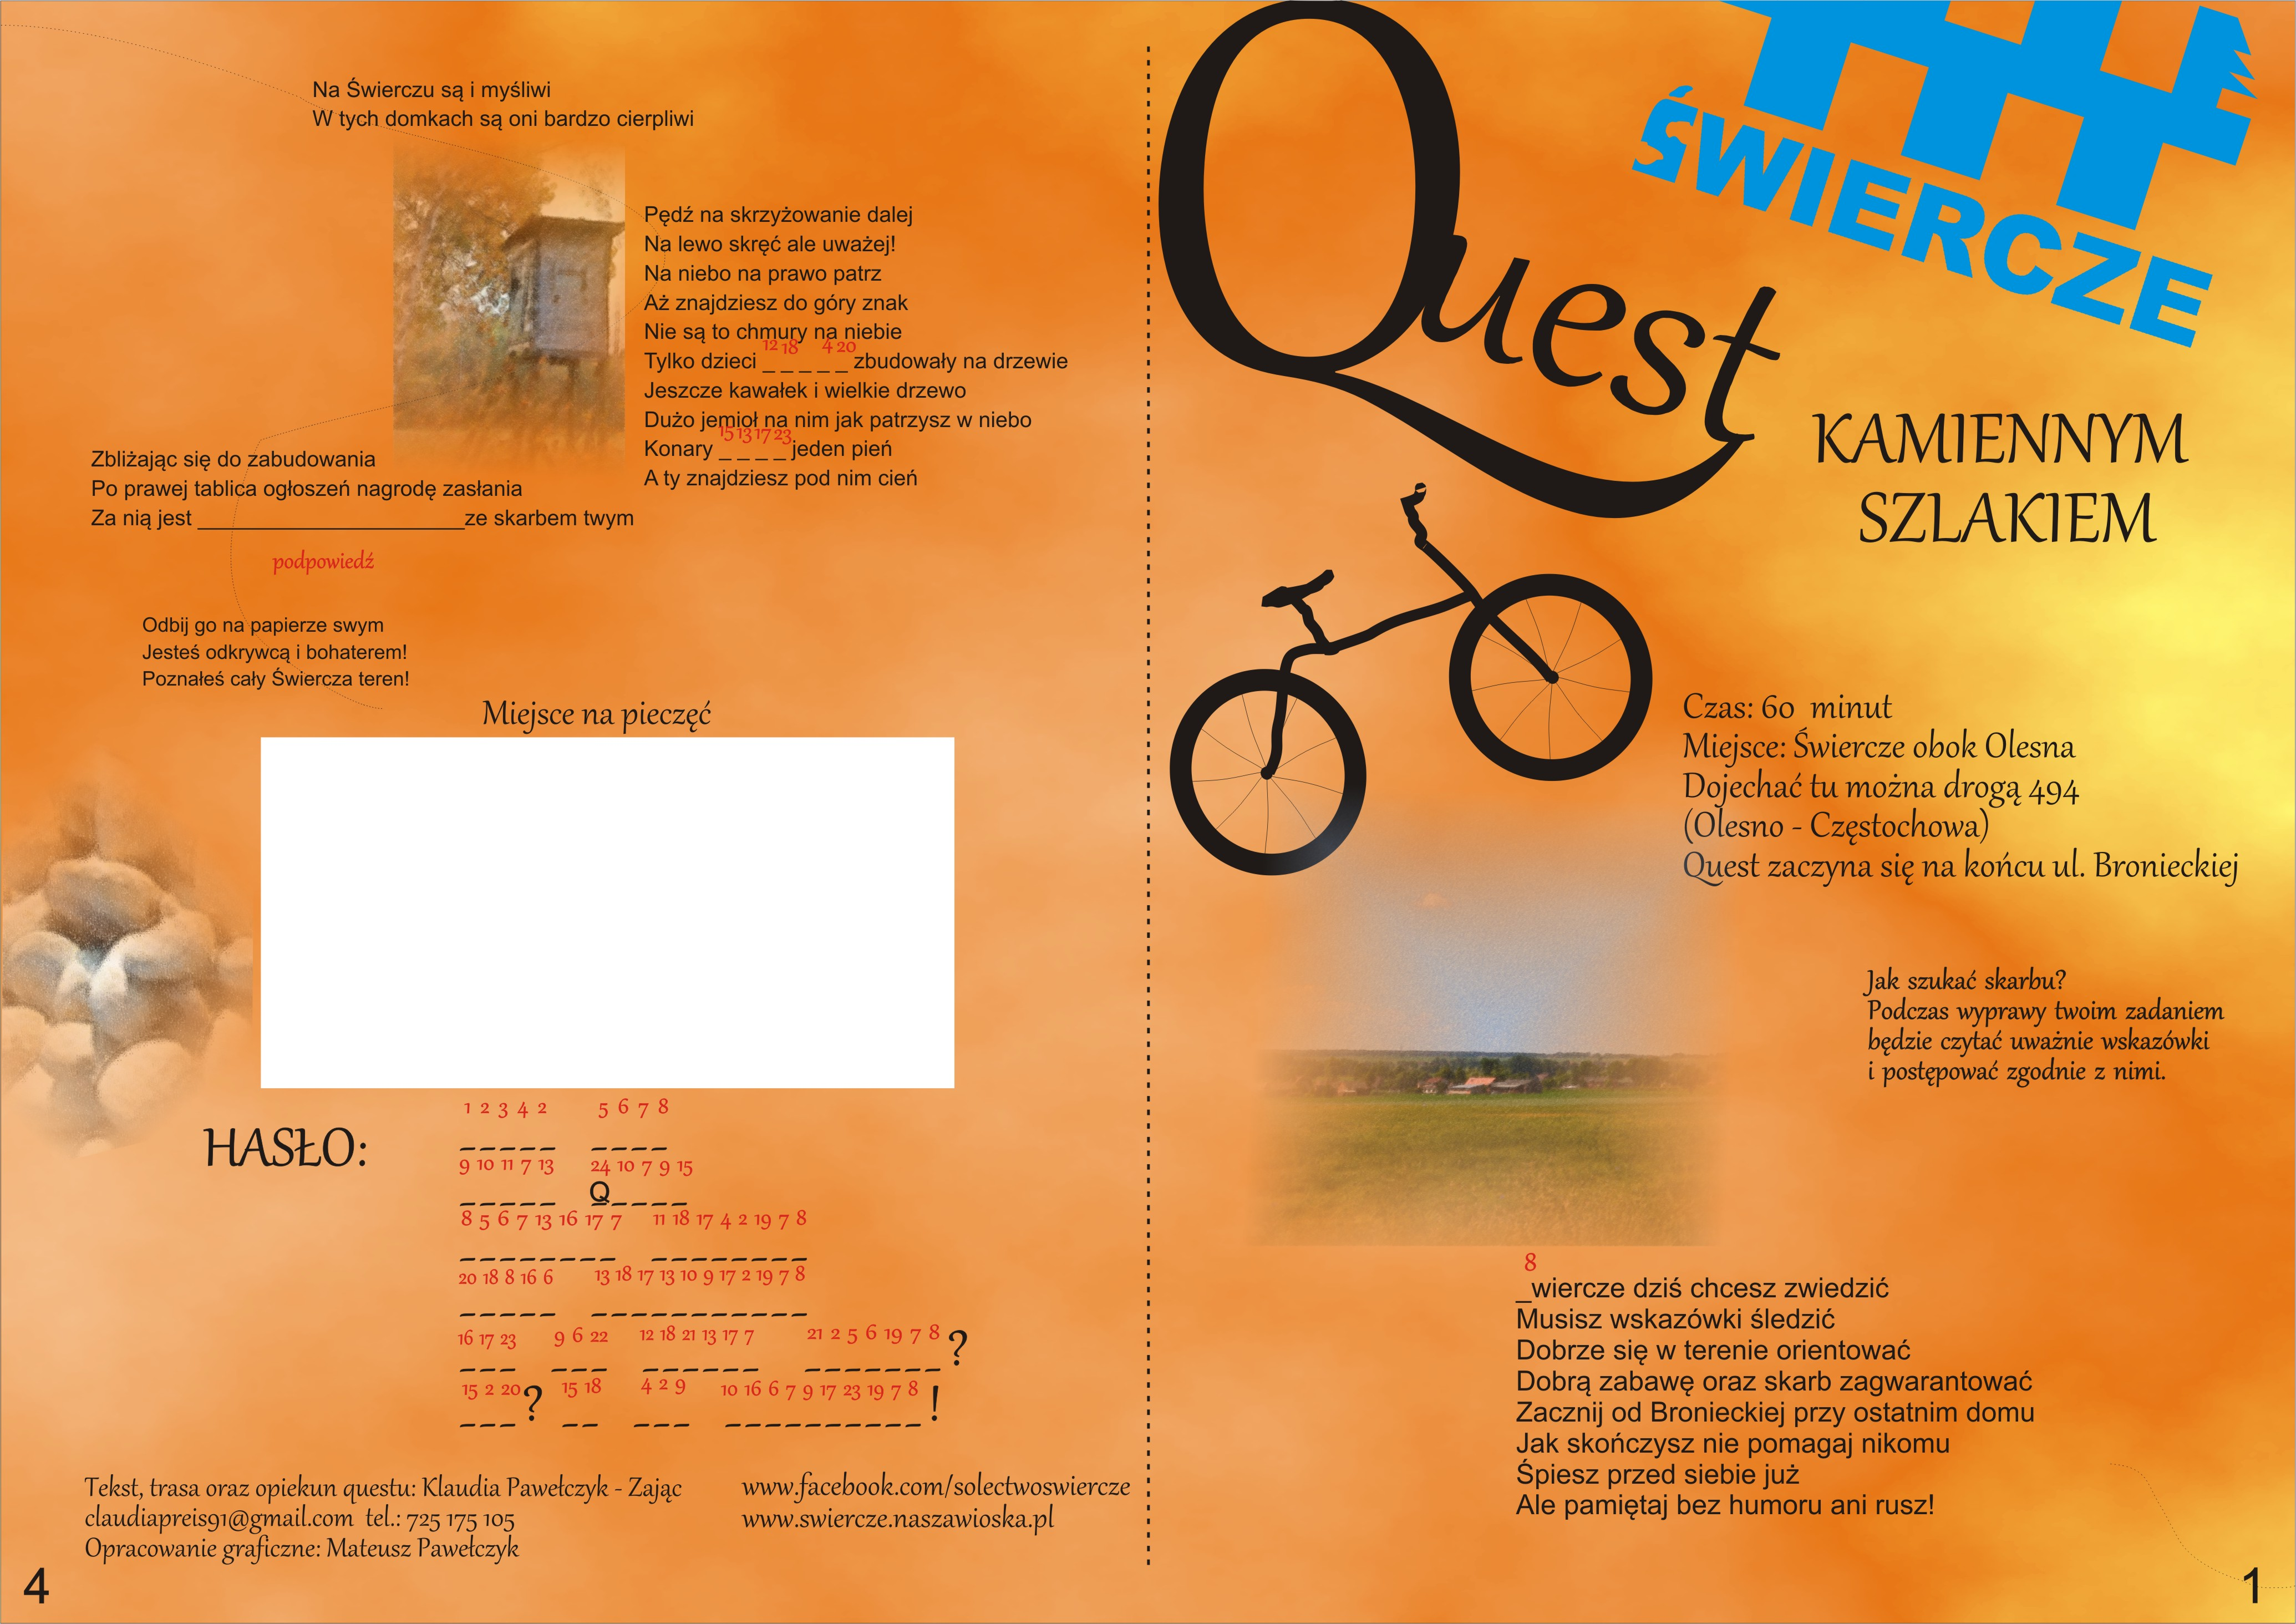 Quest cz.1